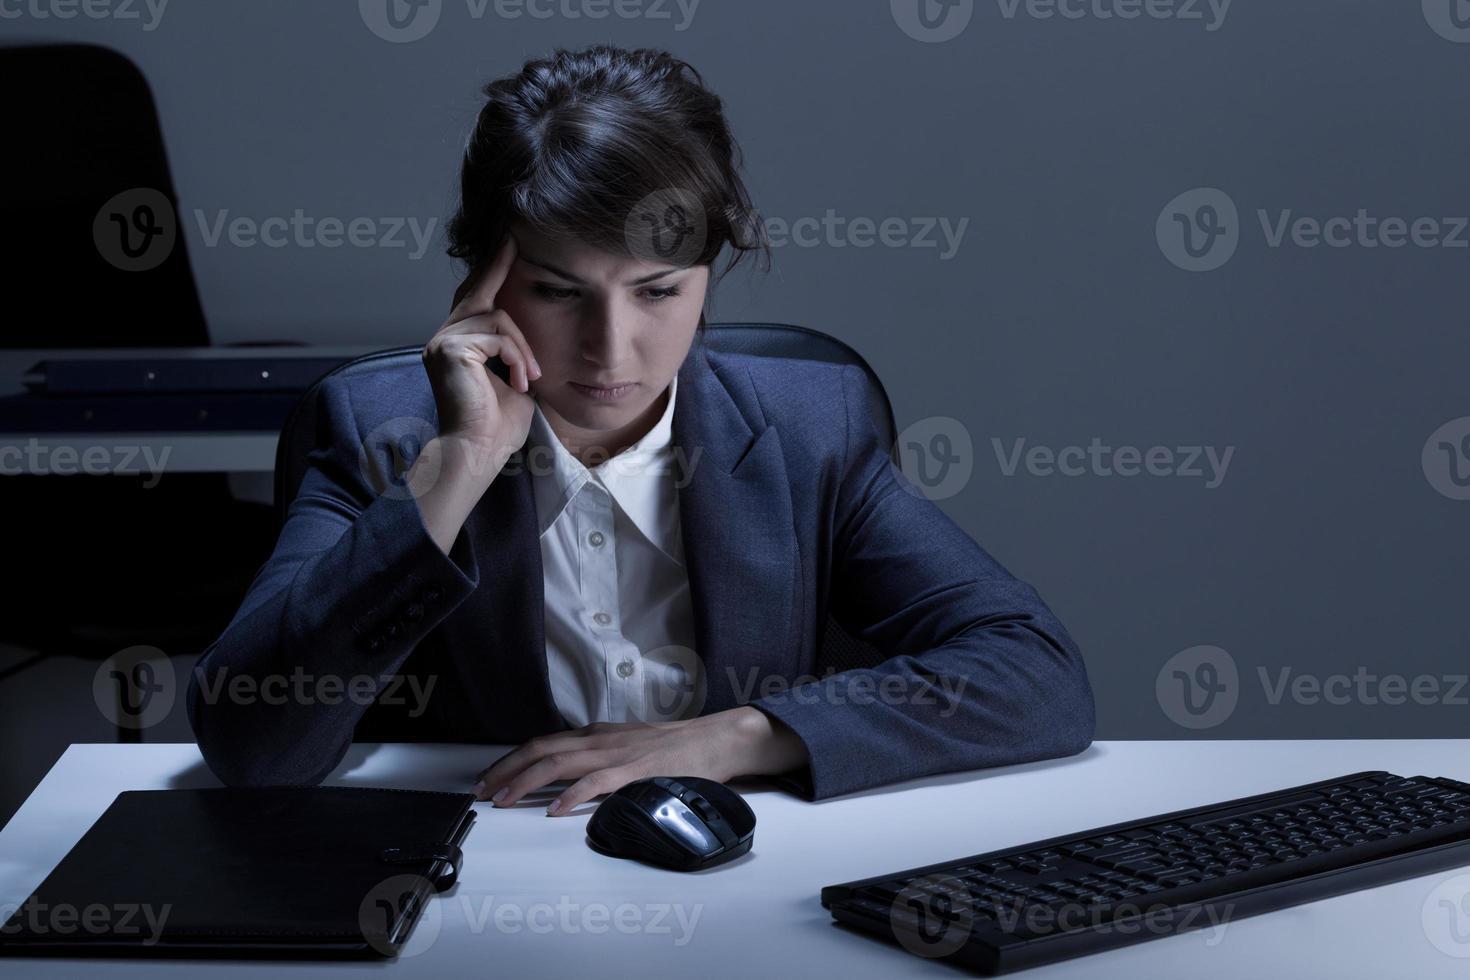 donna premurosa che lavora fuori orario foto